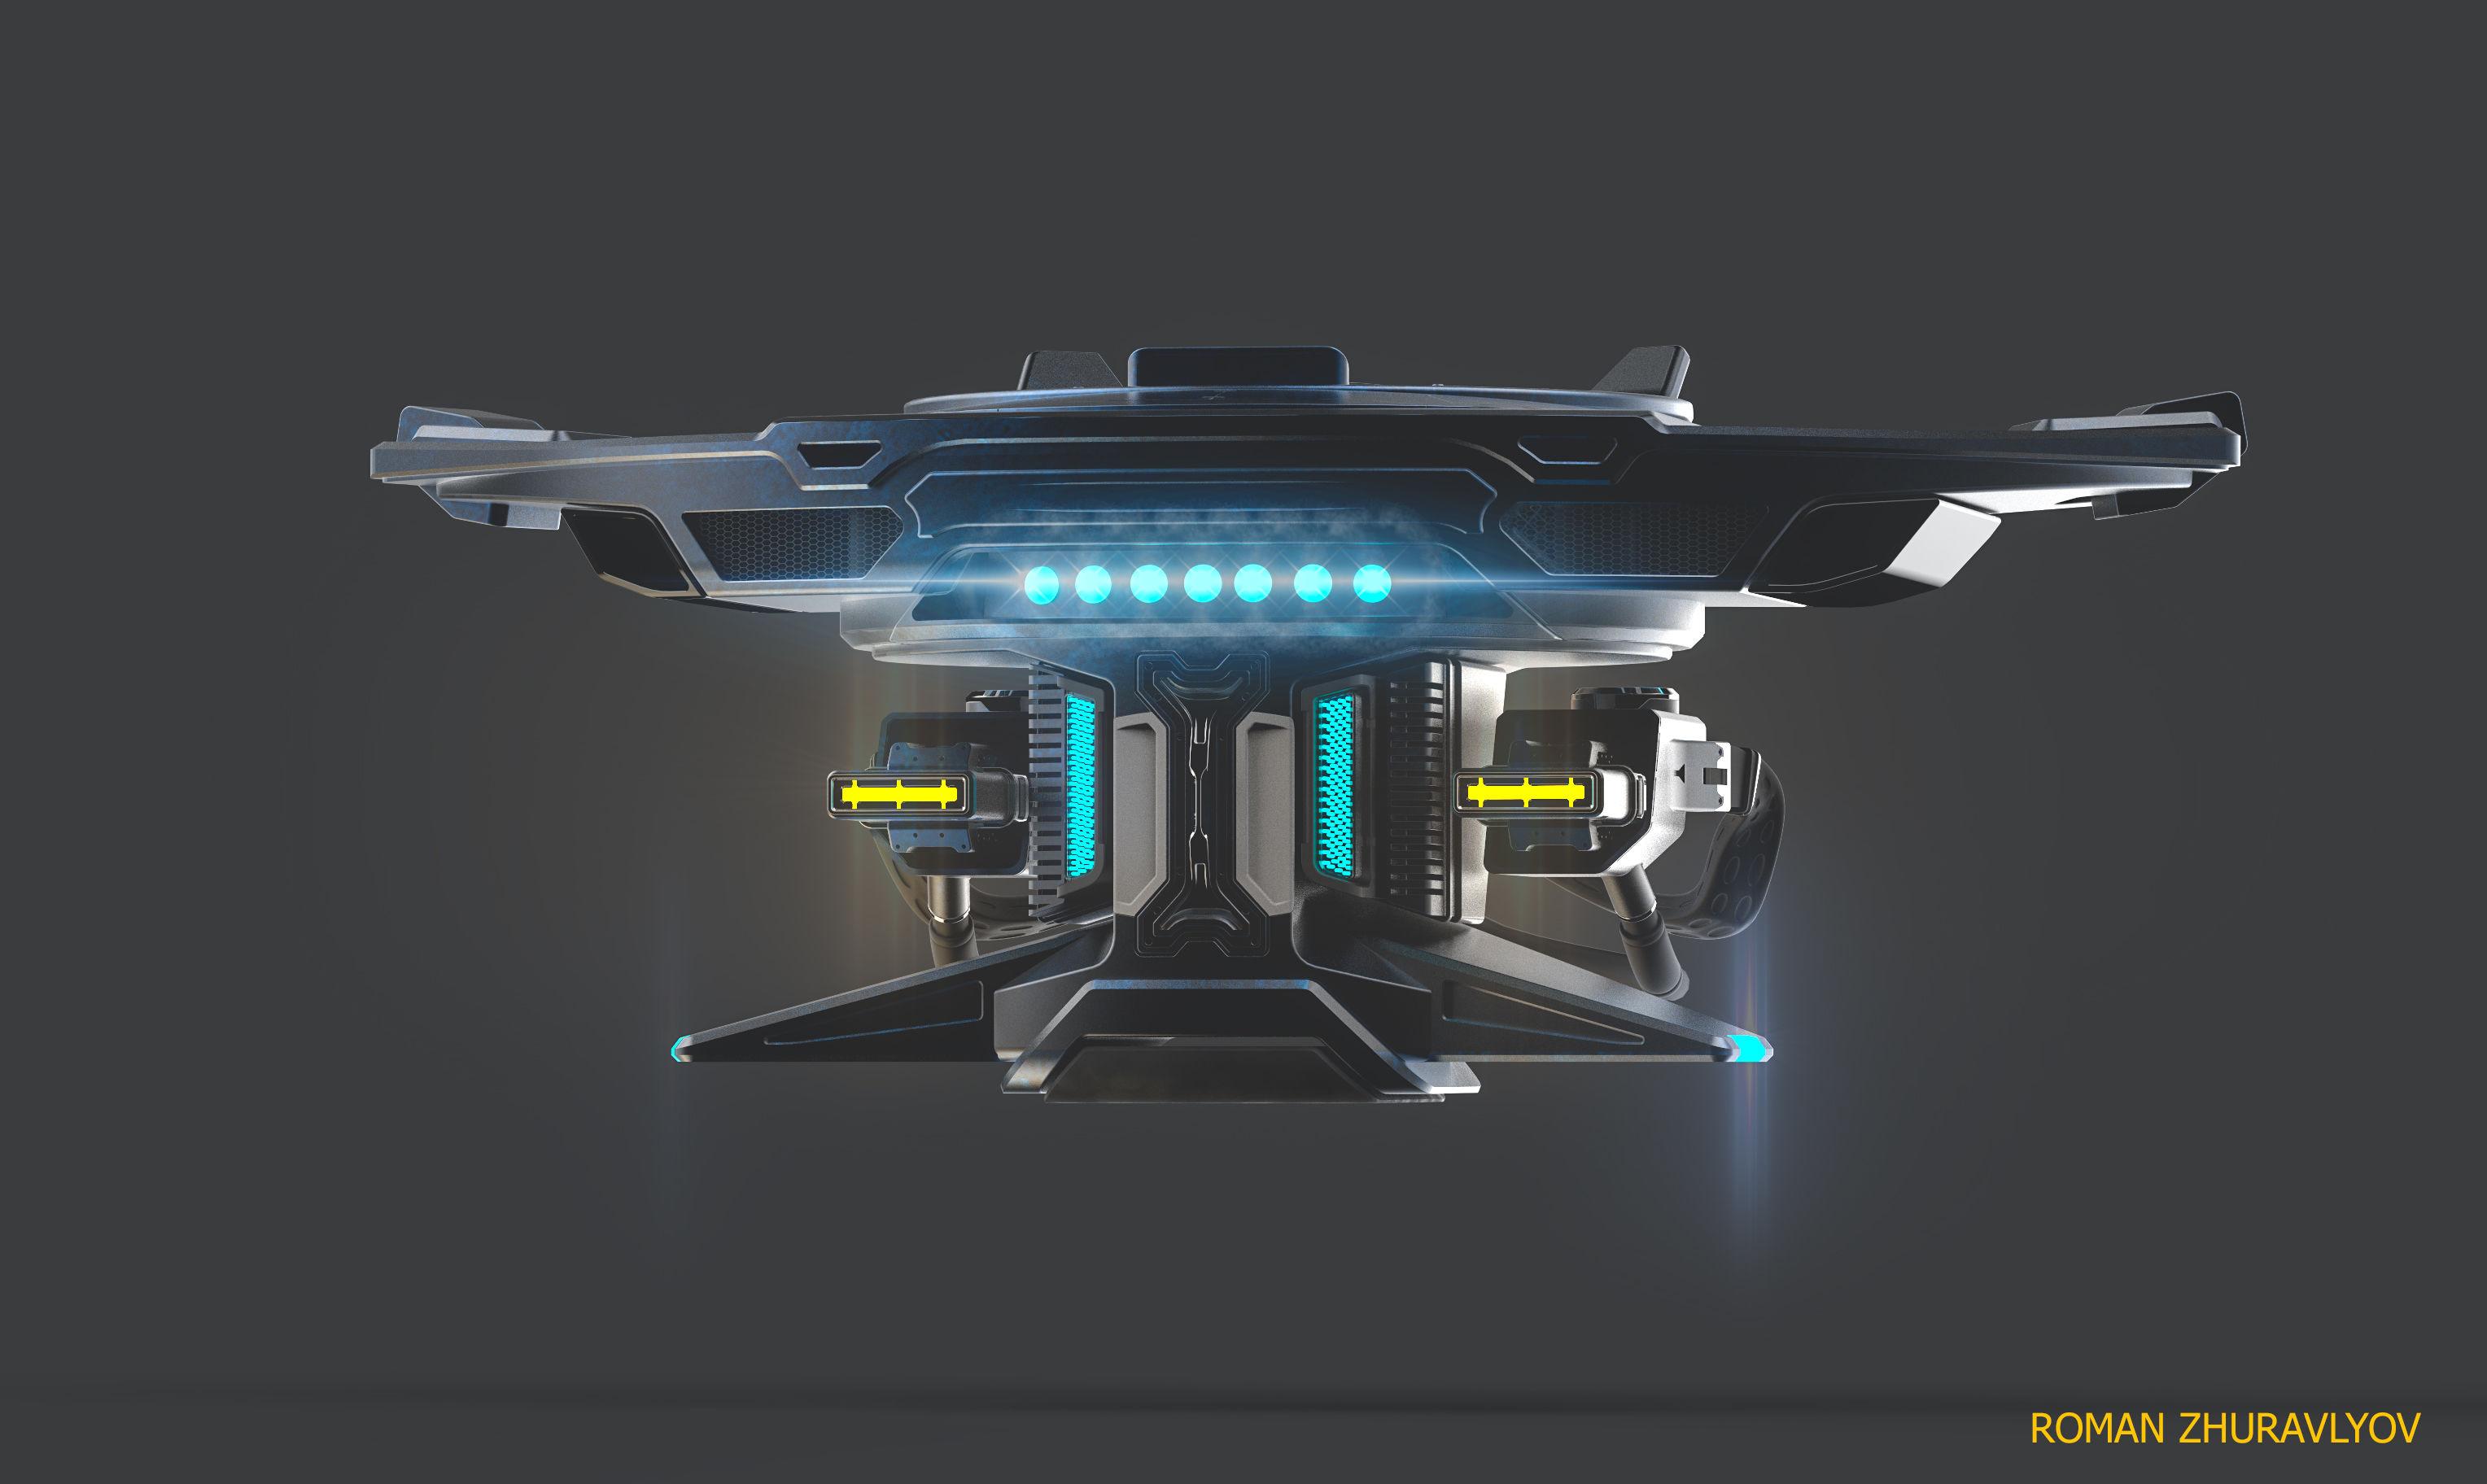 Dron-2-1-3500-3500